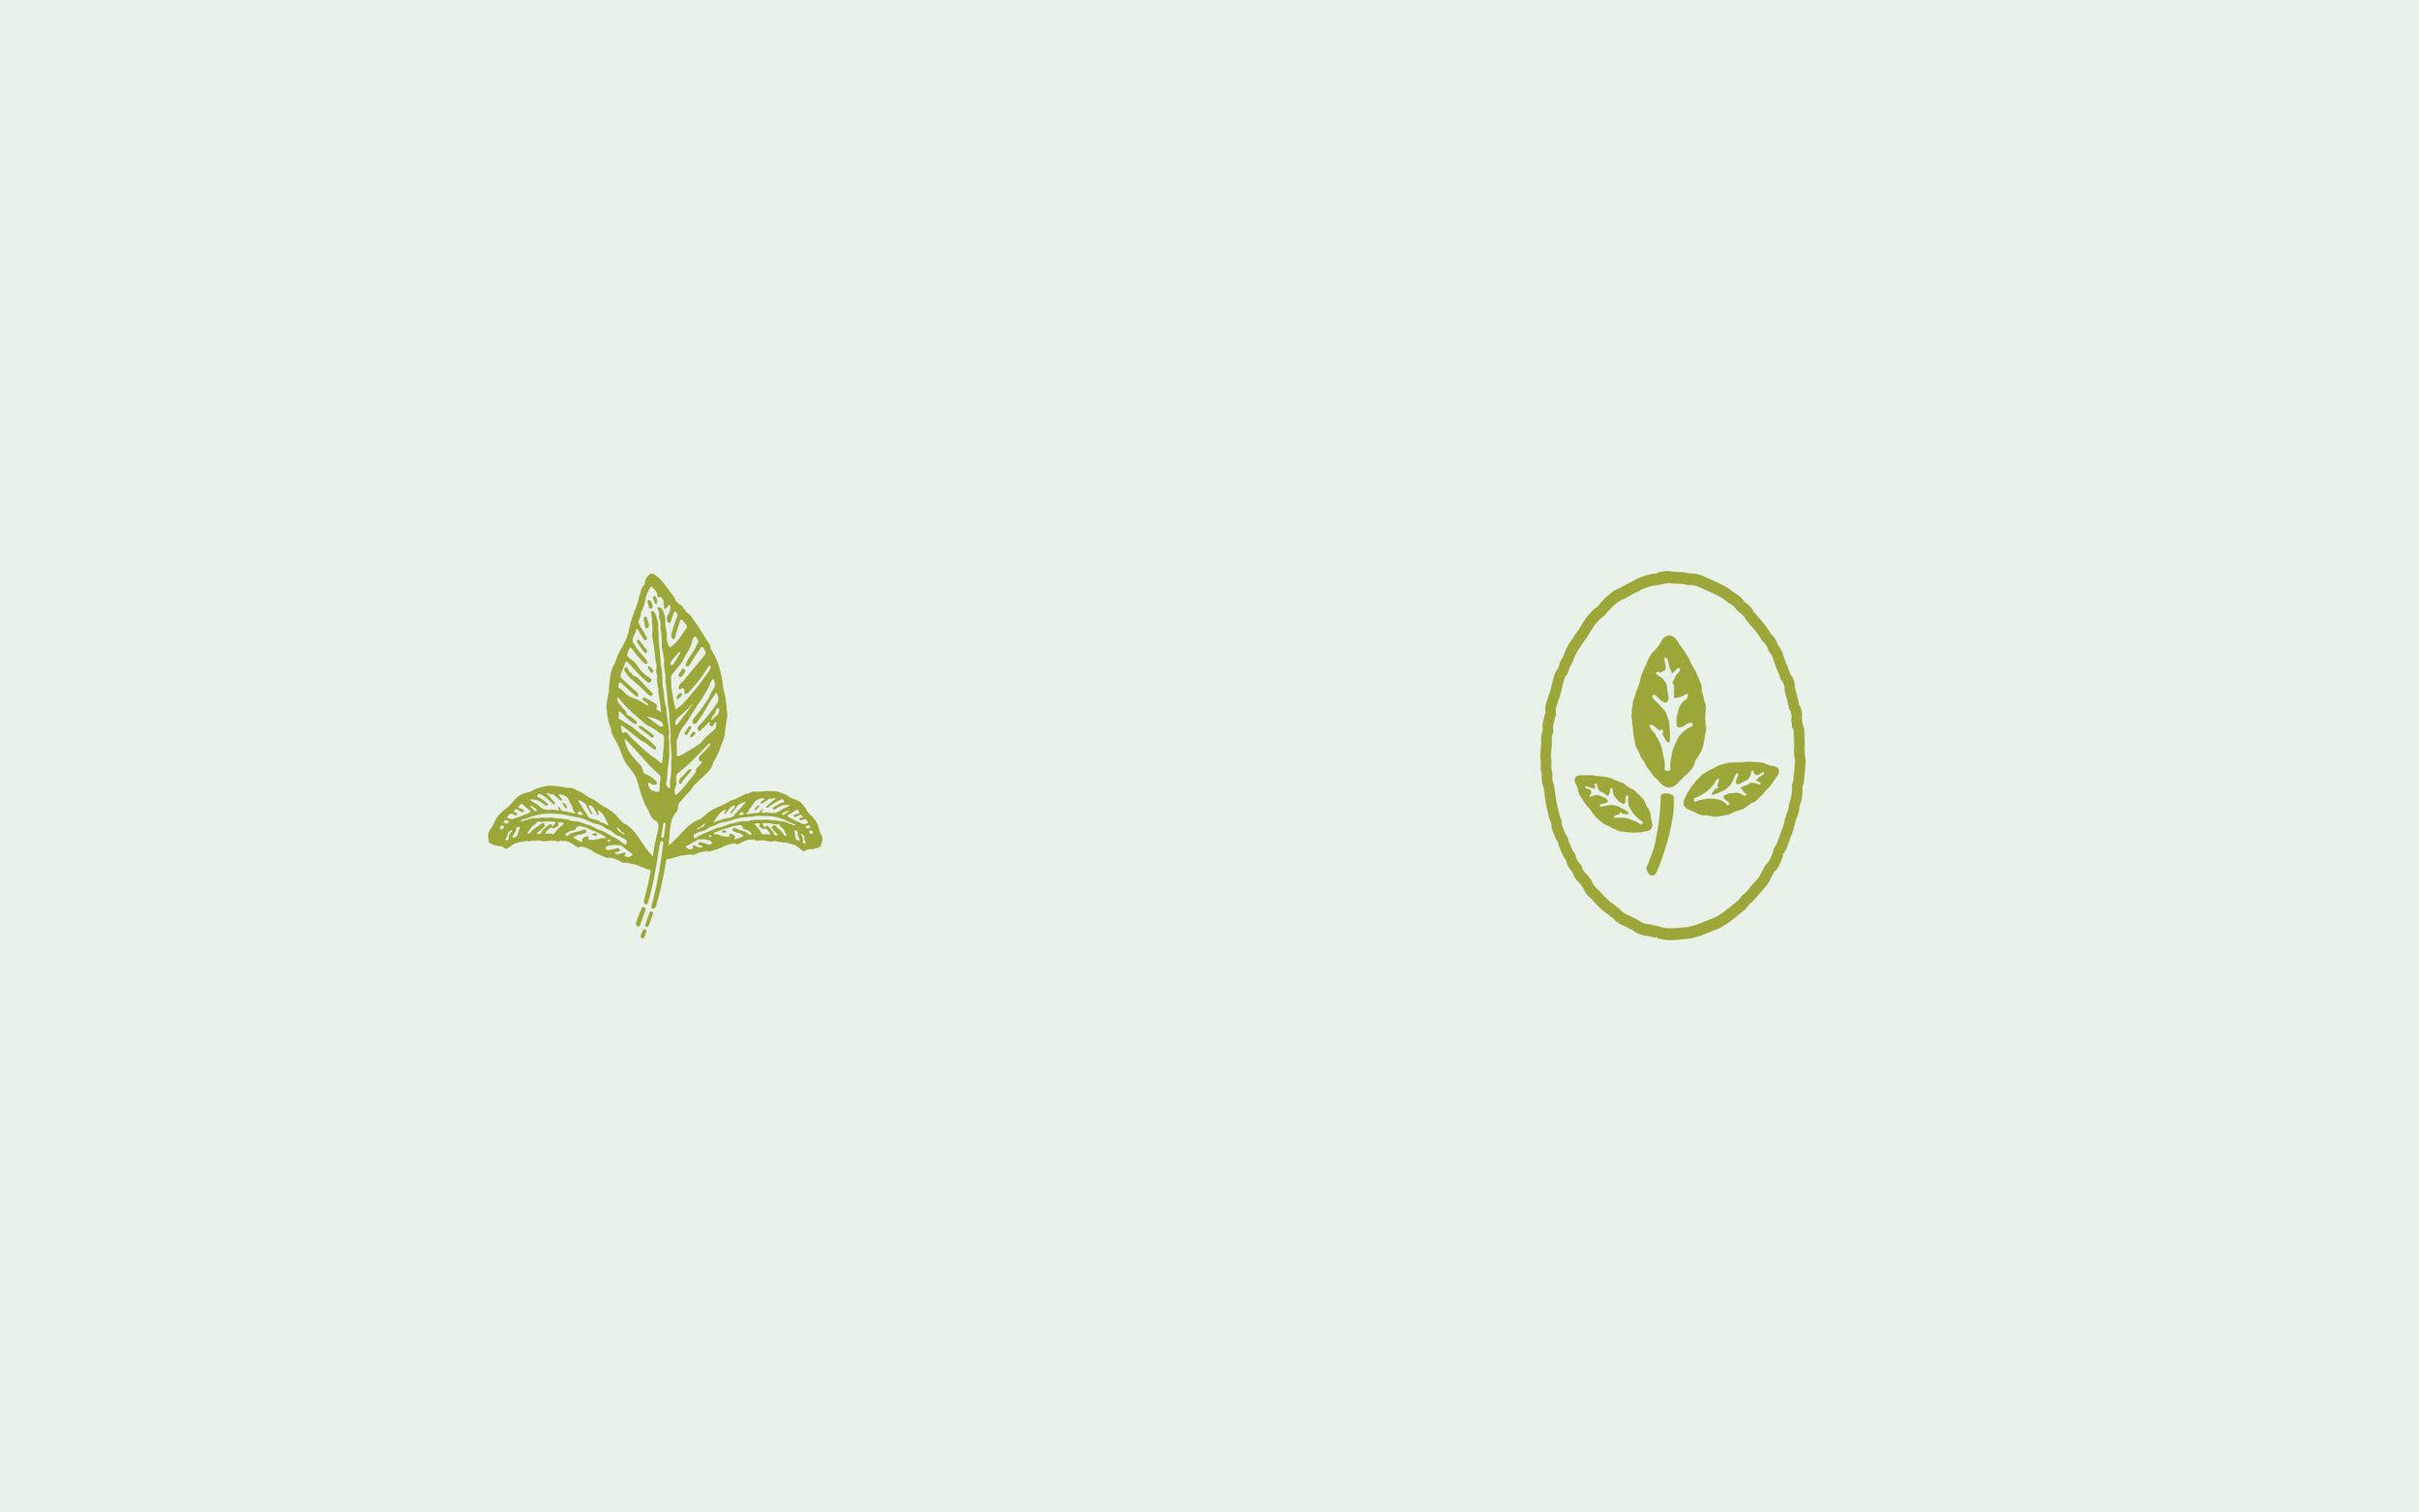 MGC_Leaves_RGB_leaf-icons.jpg